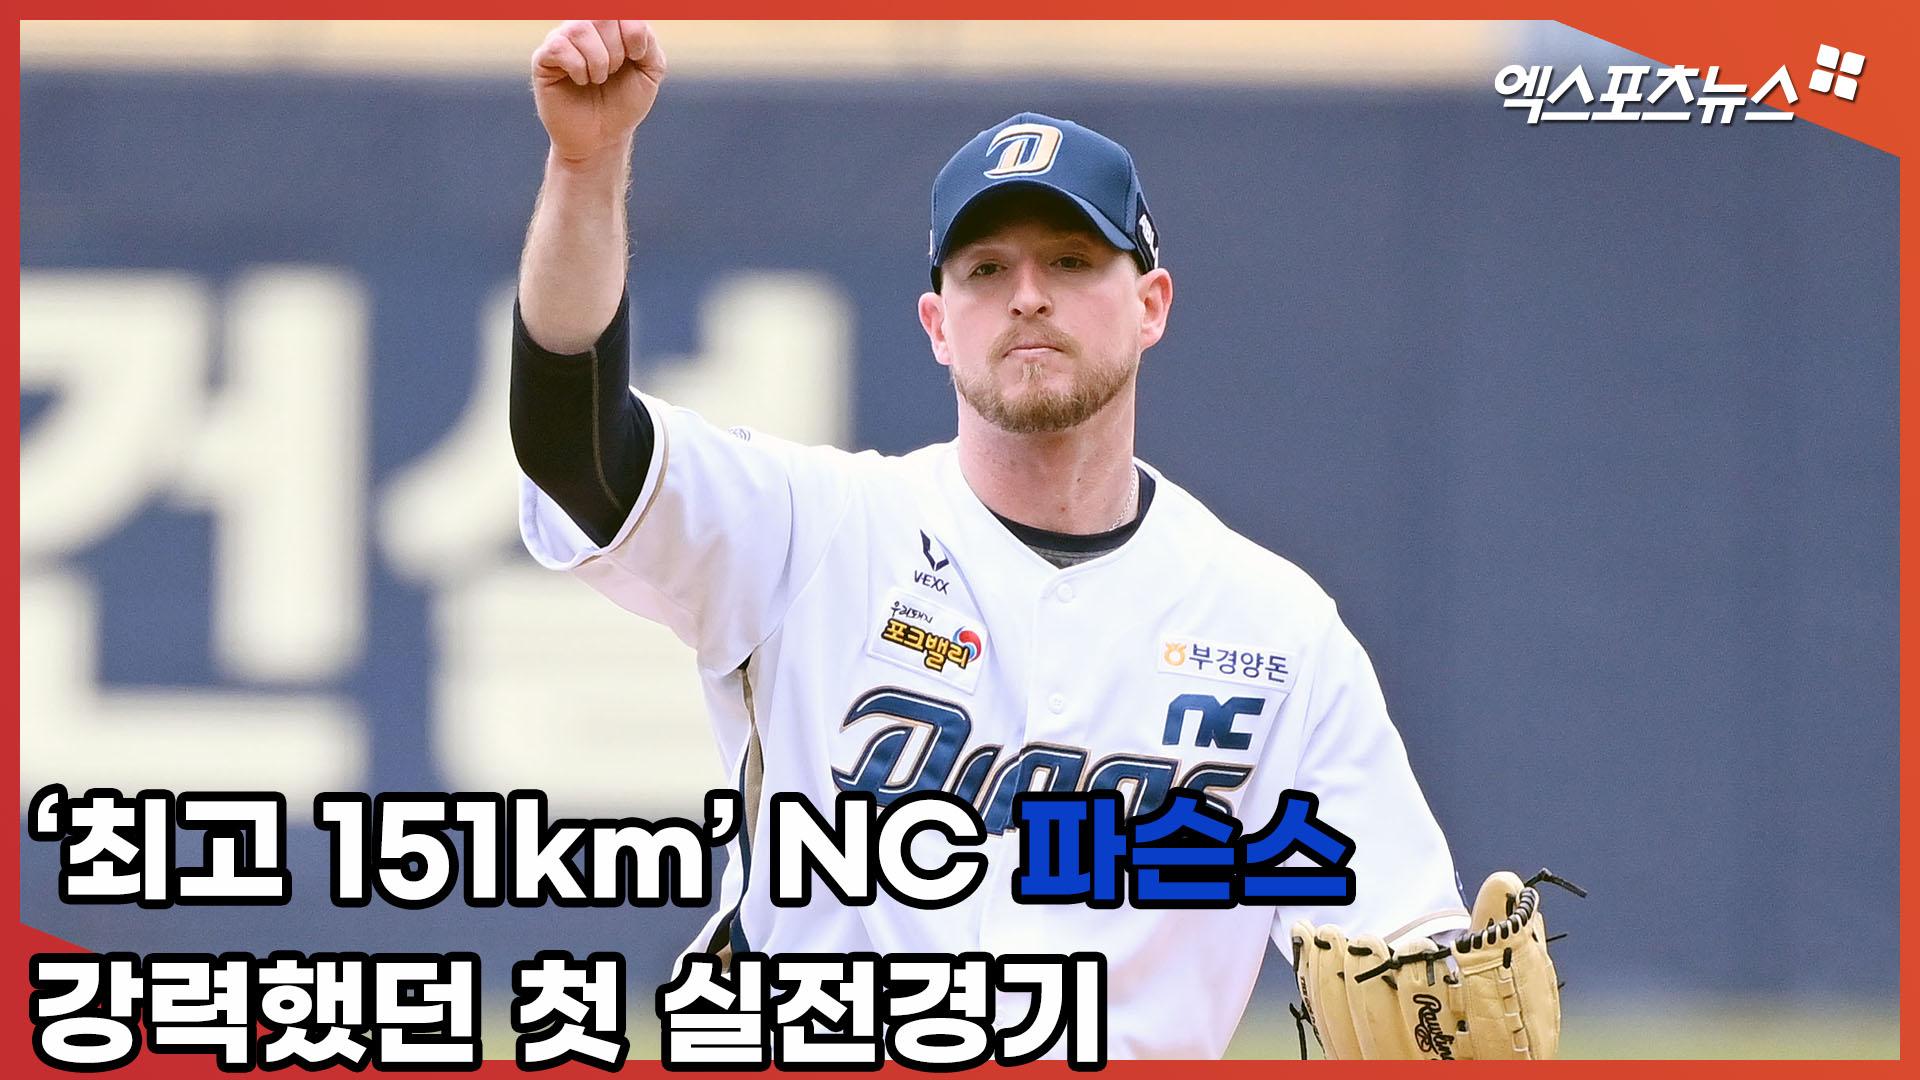 '최고 151km' NC 파슨스, 강력했던 첫 실전 경기 [엑's 영상]